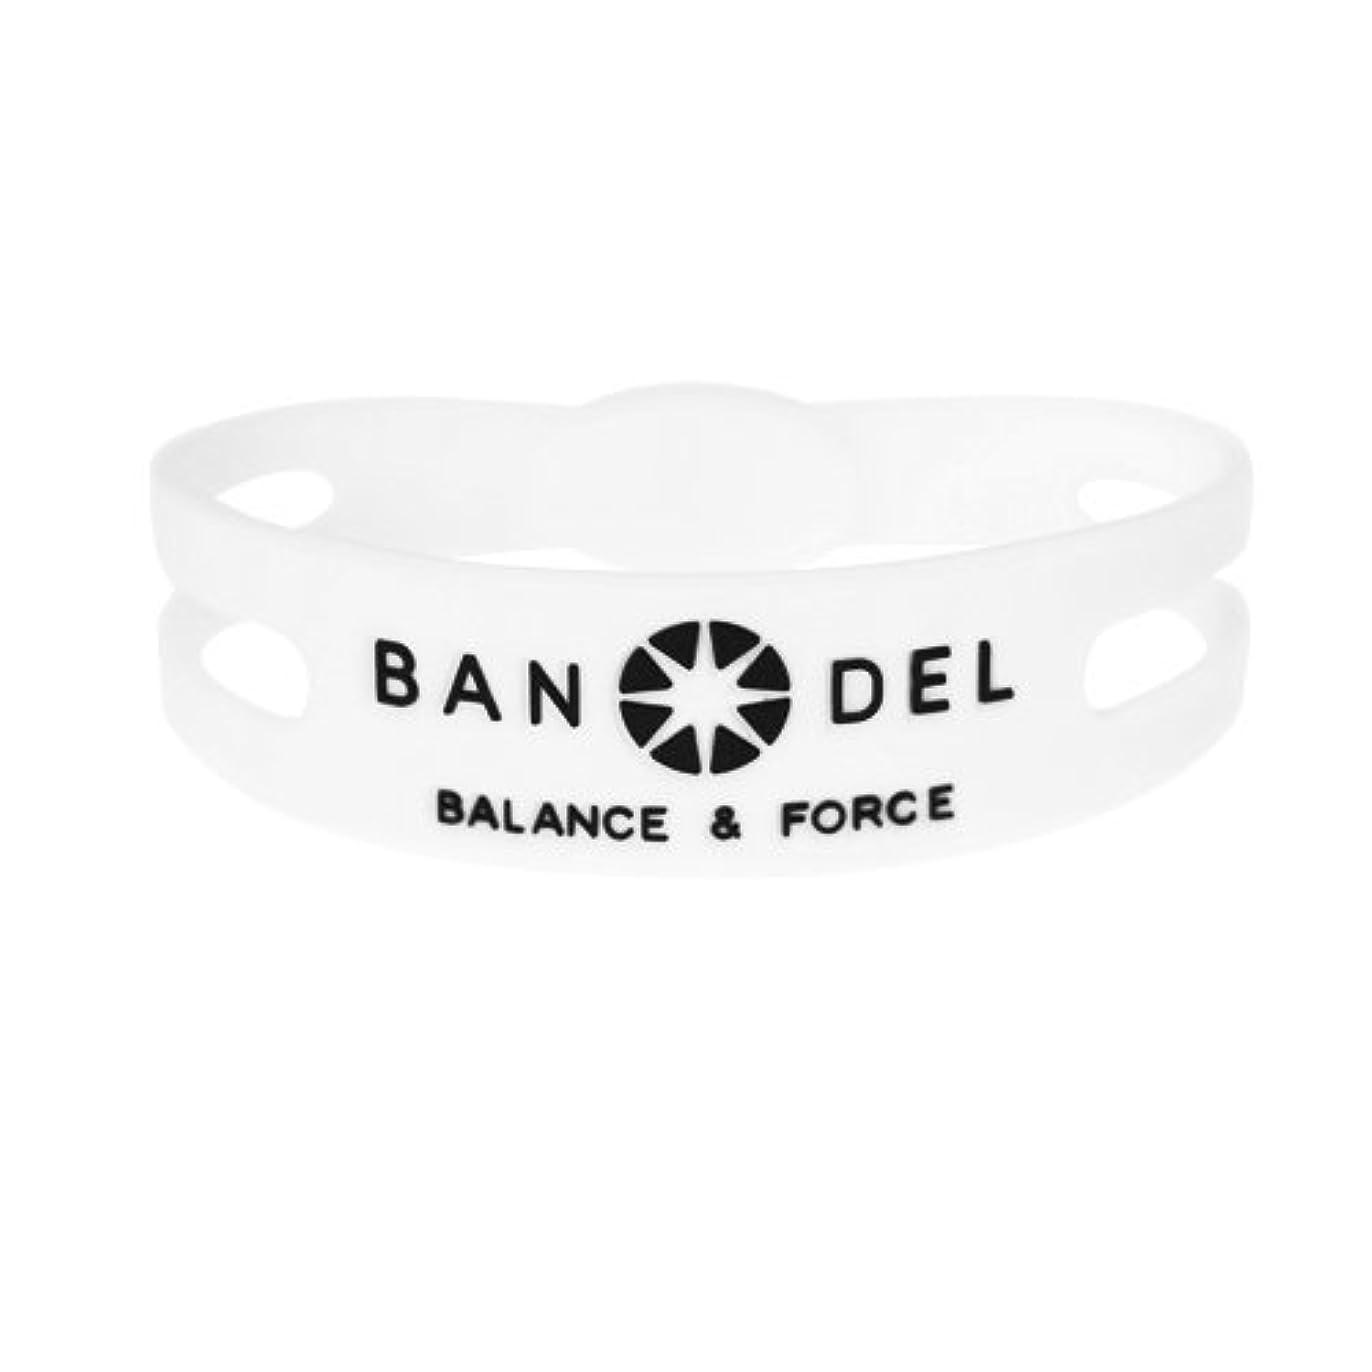 高潔な水分ウェイトレスバンデル(BANDEL) シリコン ブレスレット (ホワイト×ブラック) LLサイズ